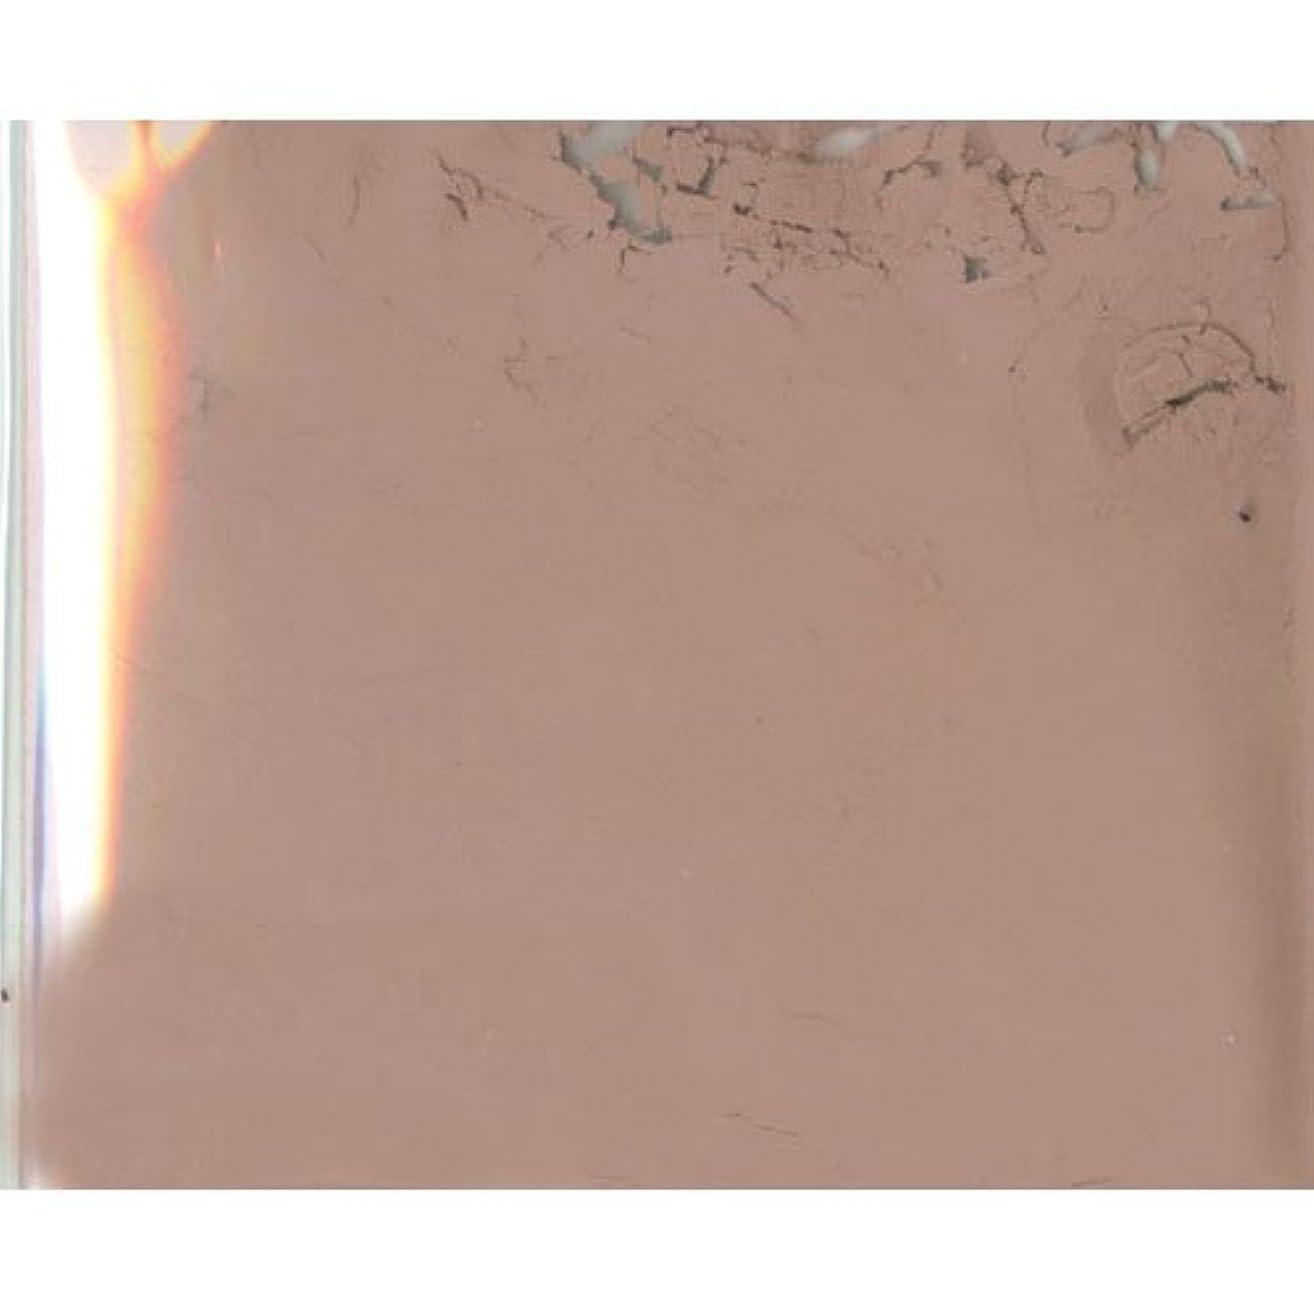 警報プレゼンター優れたピカエース ネイル用パウダー ピカエース カラーパウダー 透明顔料 #985 チョコレートブラウン 2g アート材